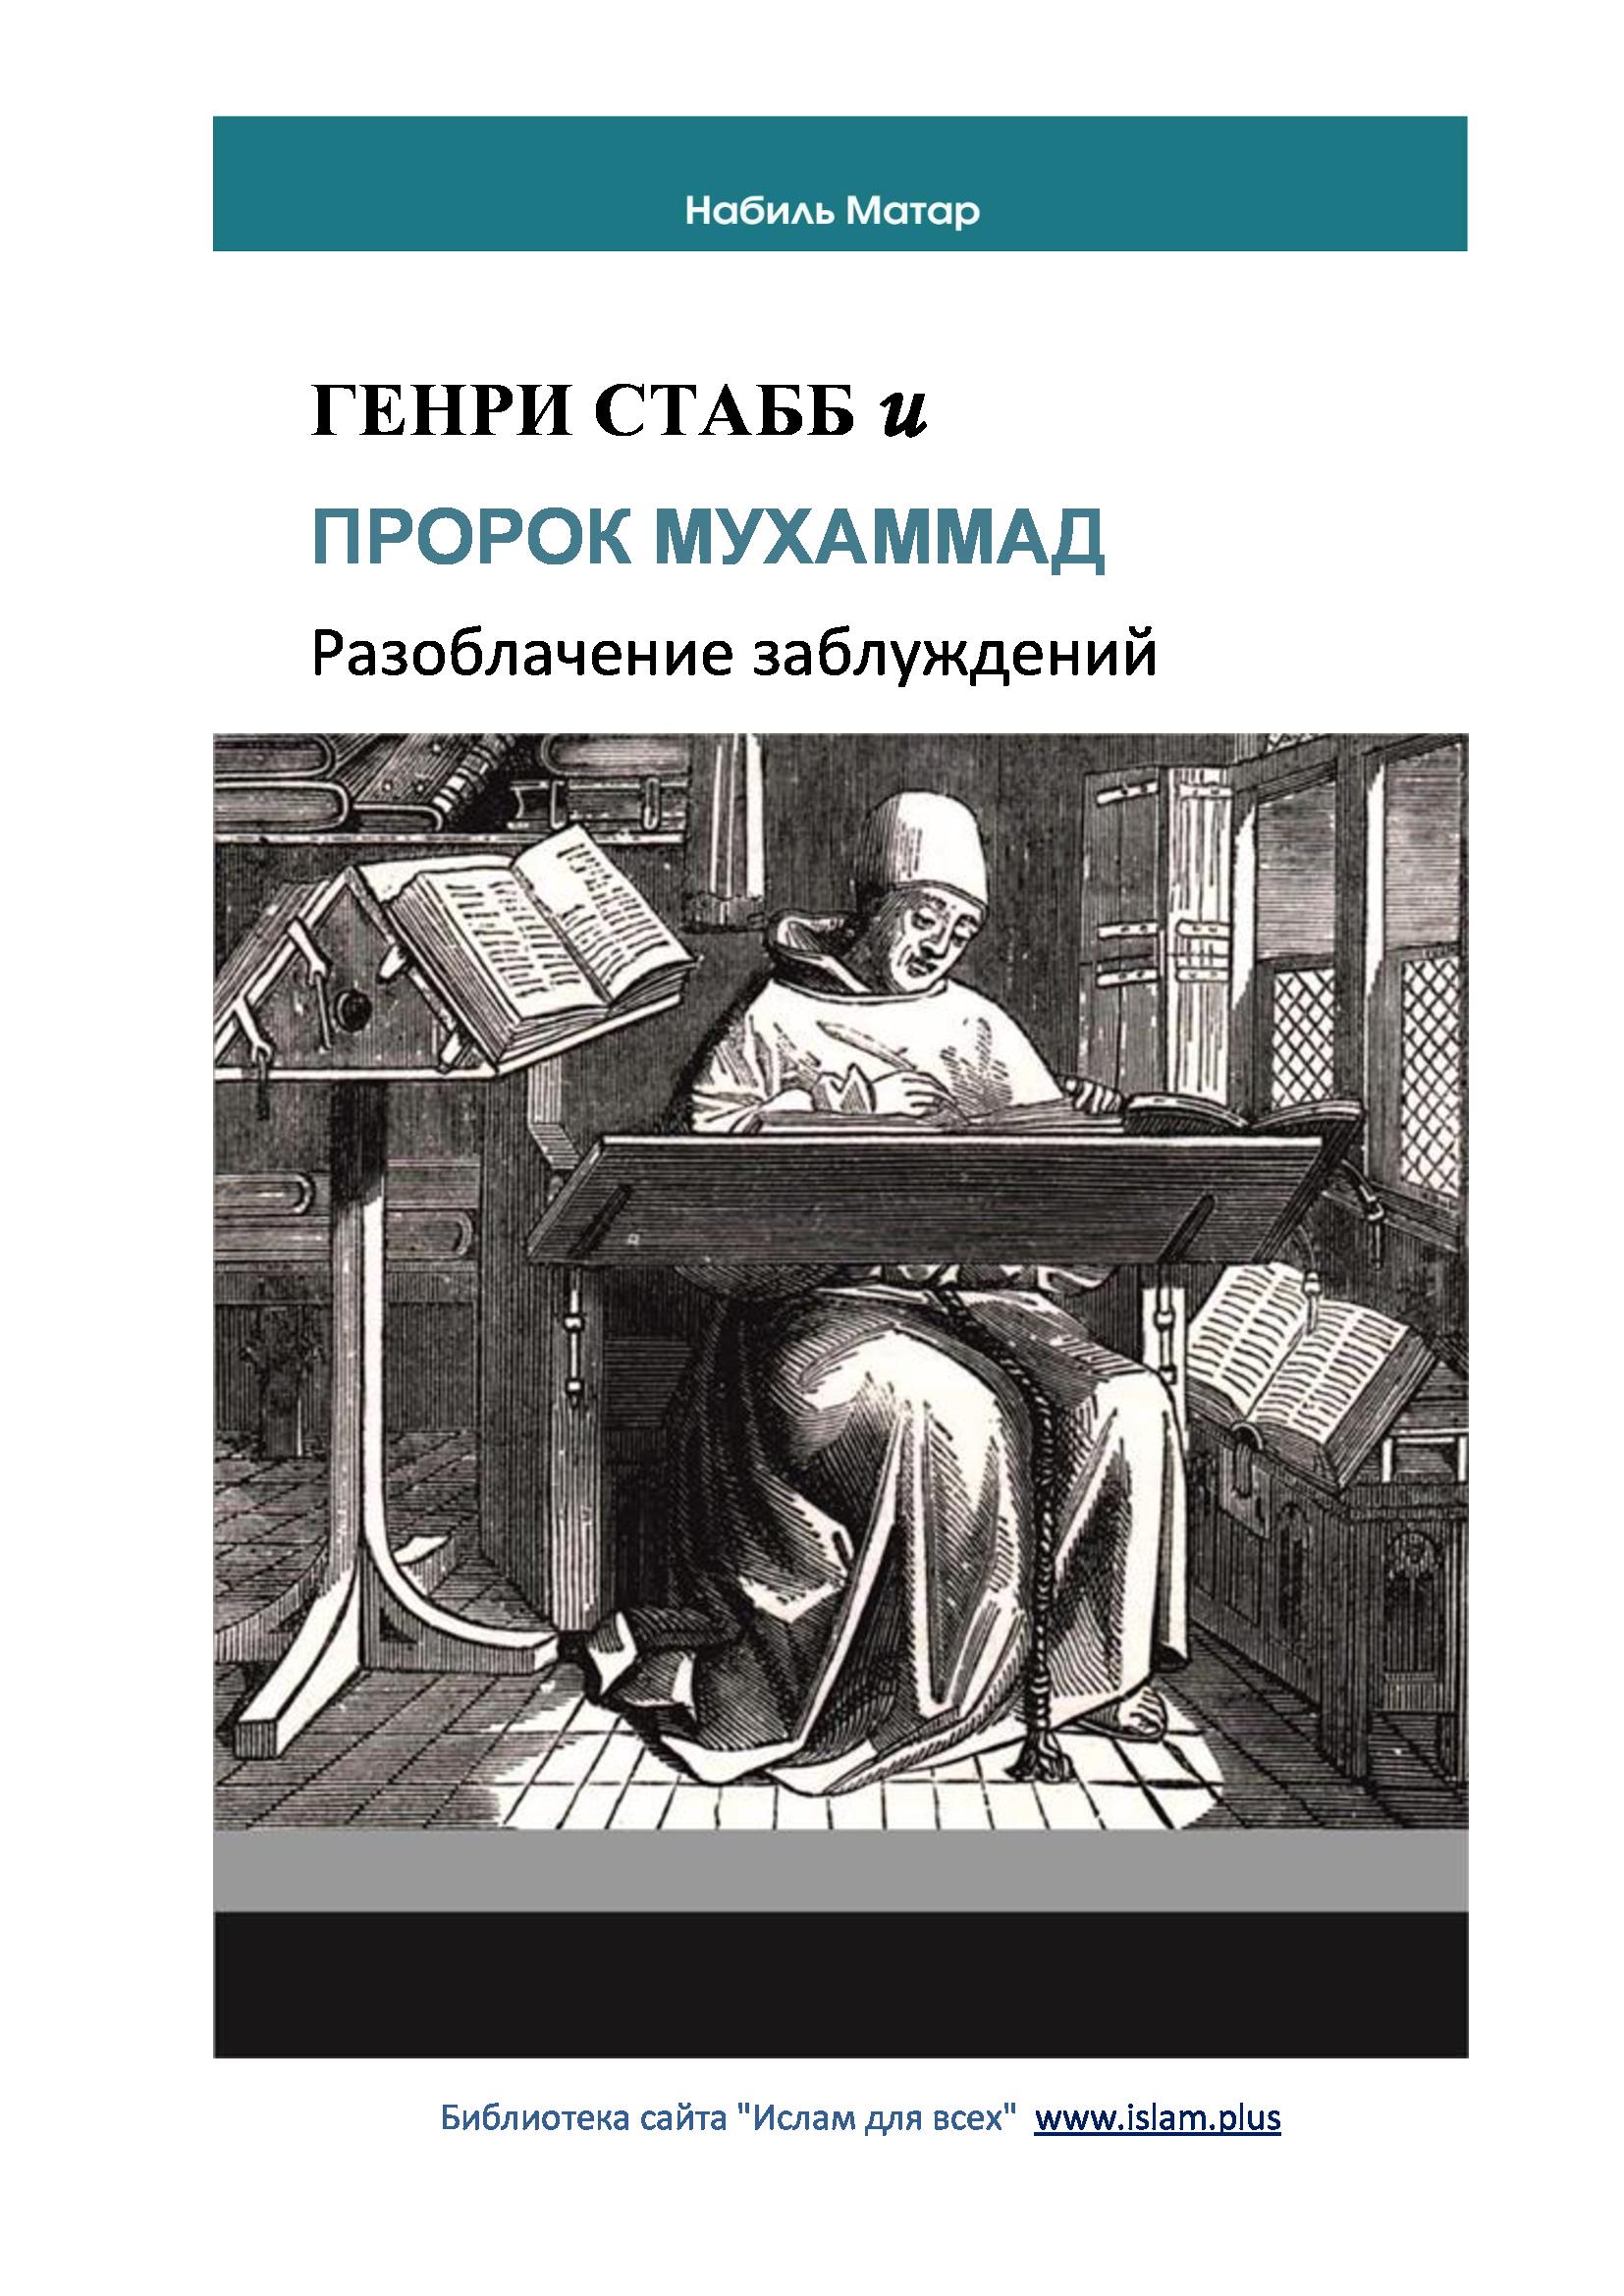 ГЕНРИ СТАББ и ПРОРОК МУХАММАД. Разоблачение заблуждений